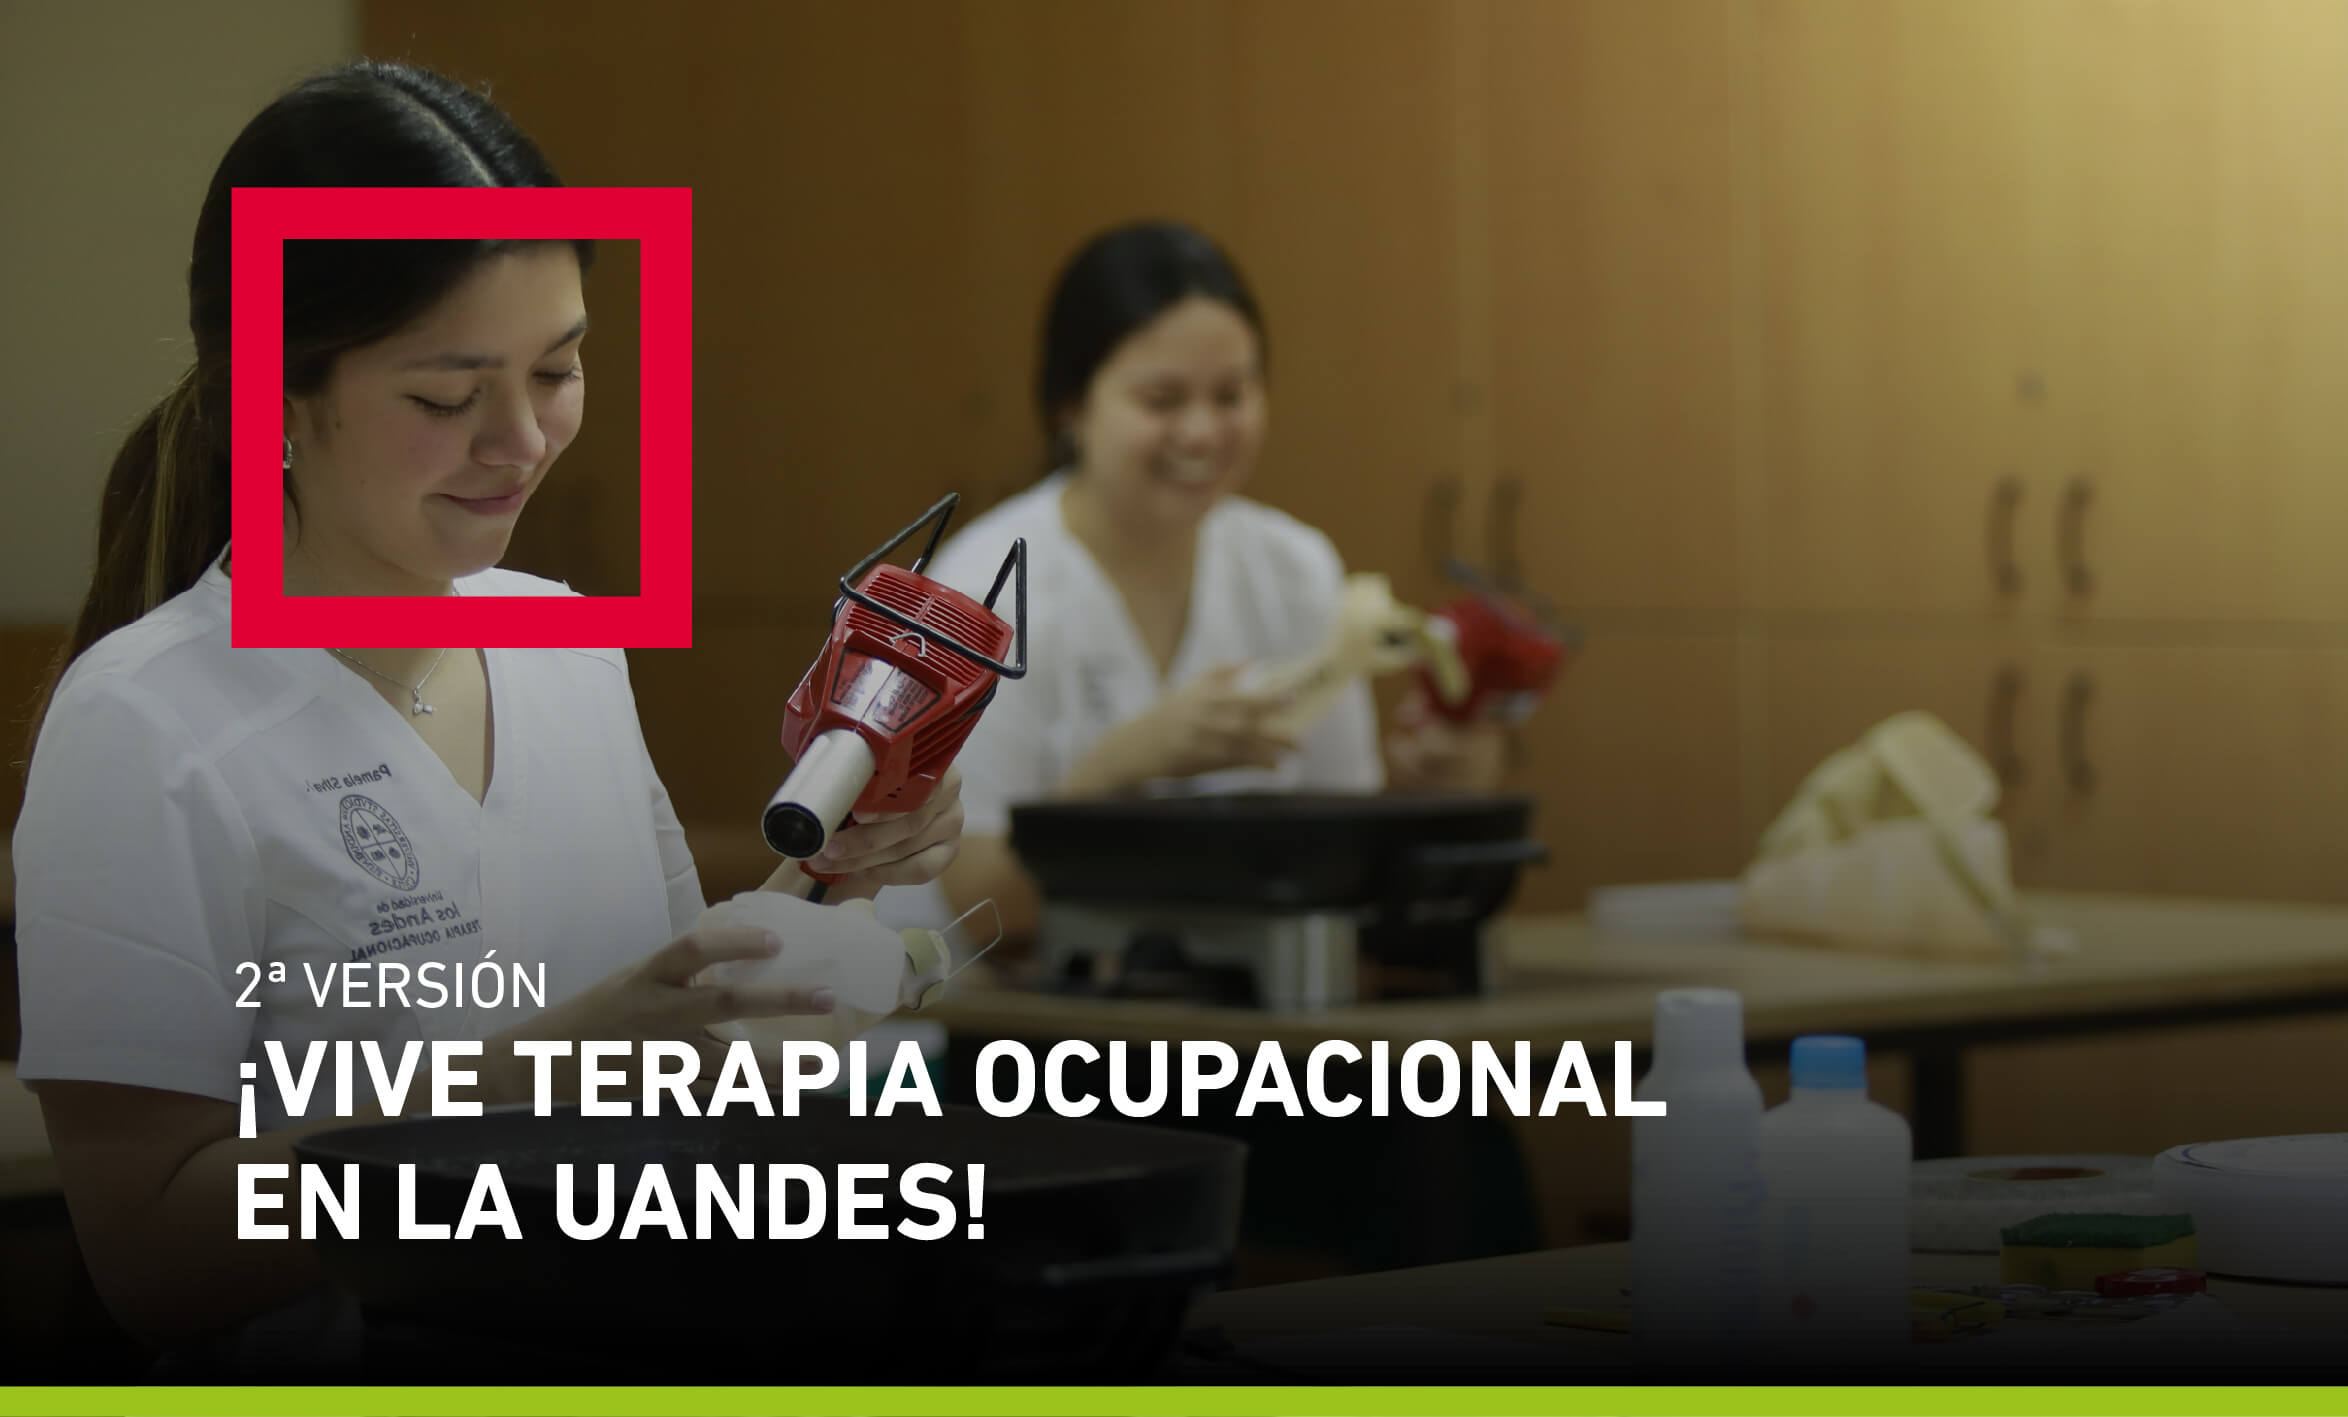 Vive Terapia Ocupacional en la UANDES